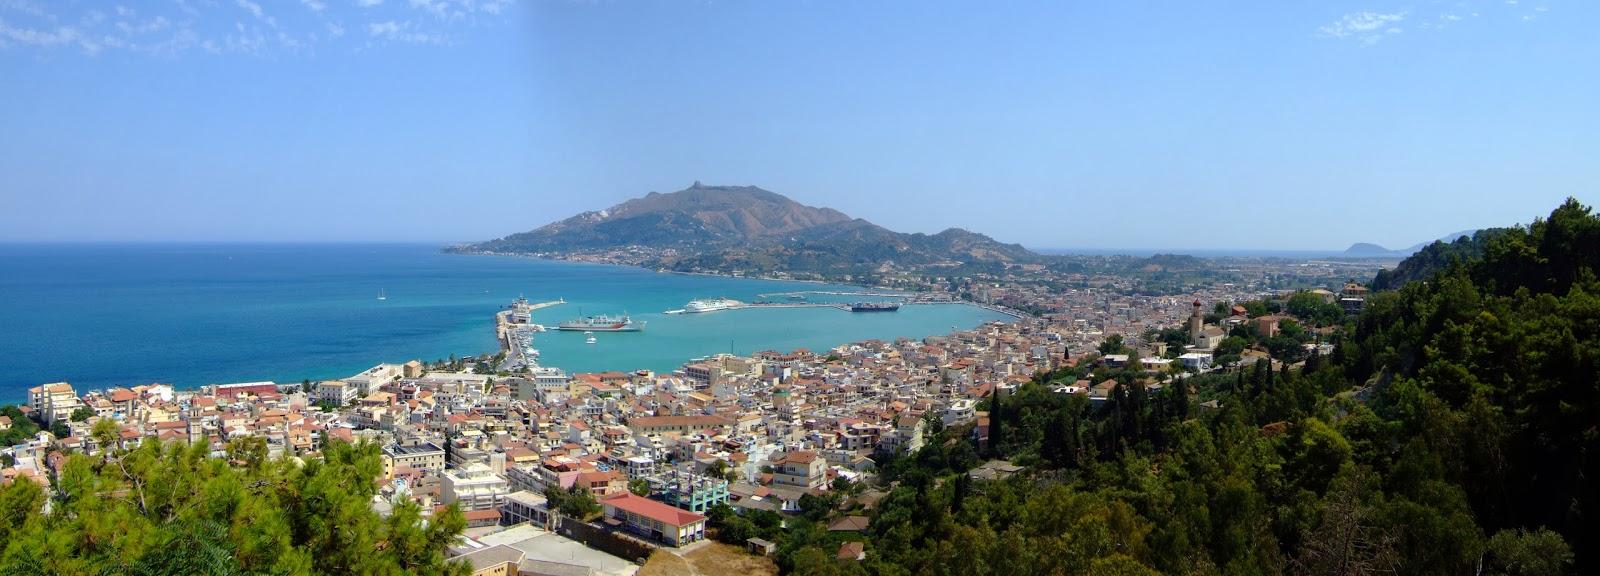 The Beautiful Island of Zakynthos in Hellas (Greece)